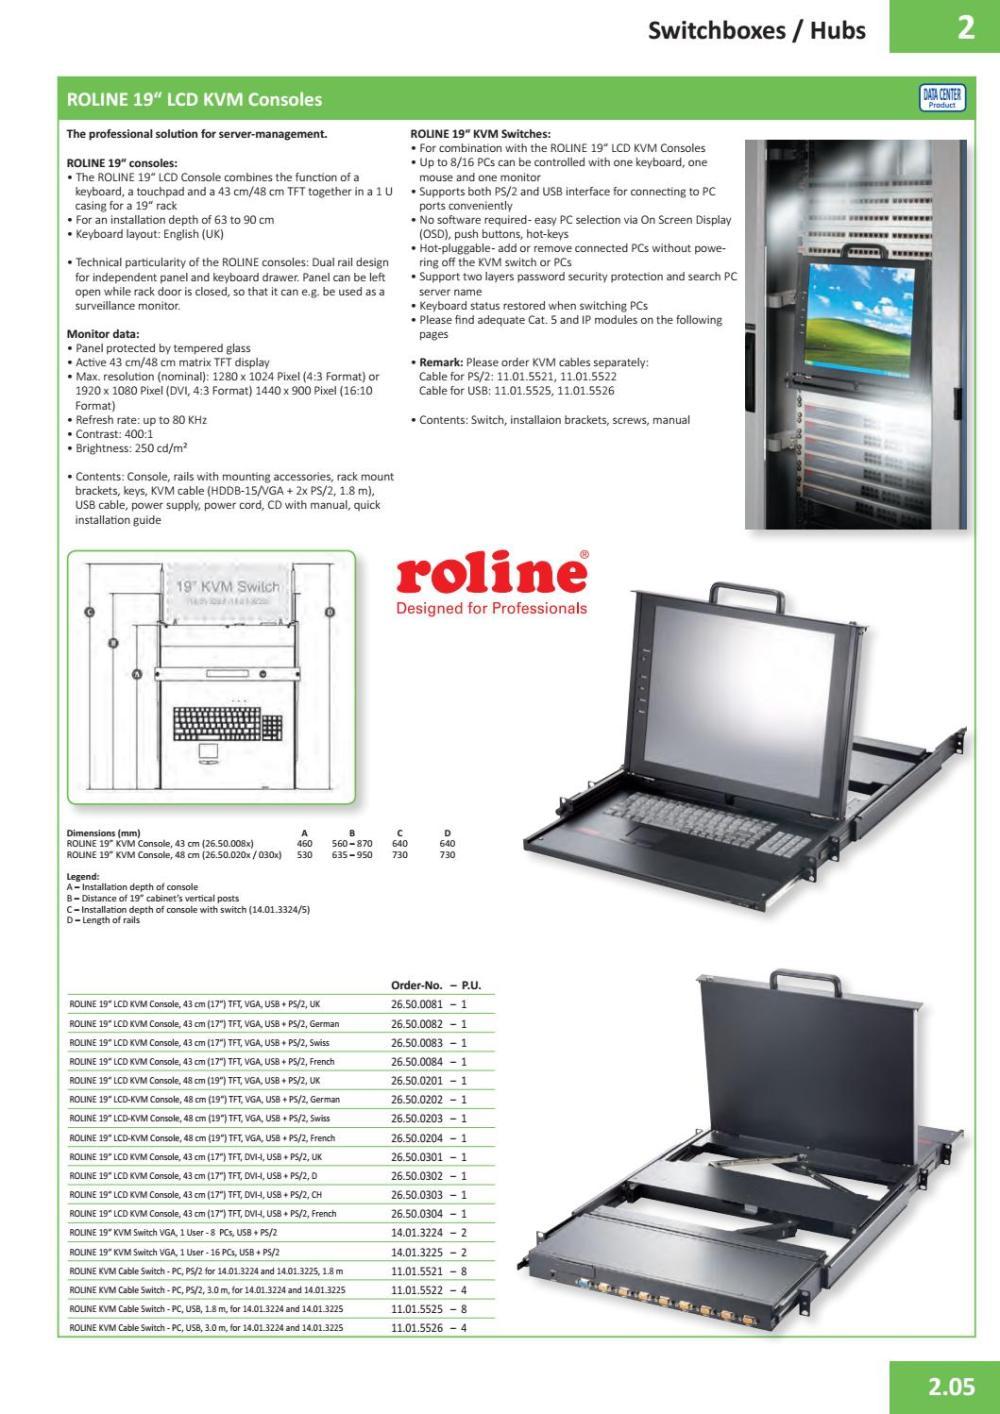 medium resolution of secomp international professional computer accessories 2018 2019 by secomp it zubeh r netzwerktechnik issuu